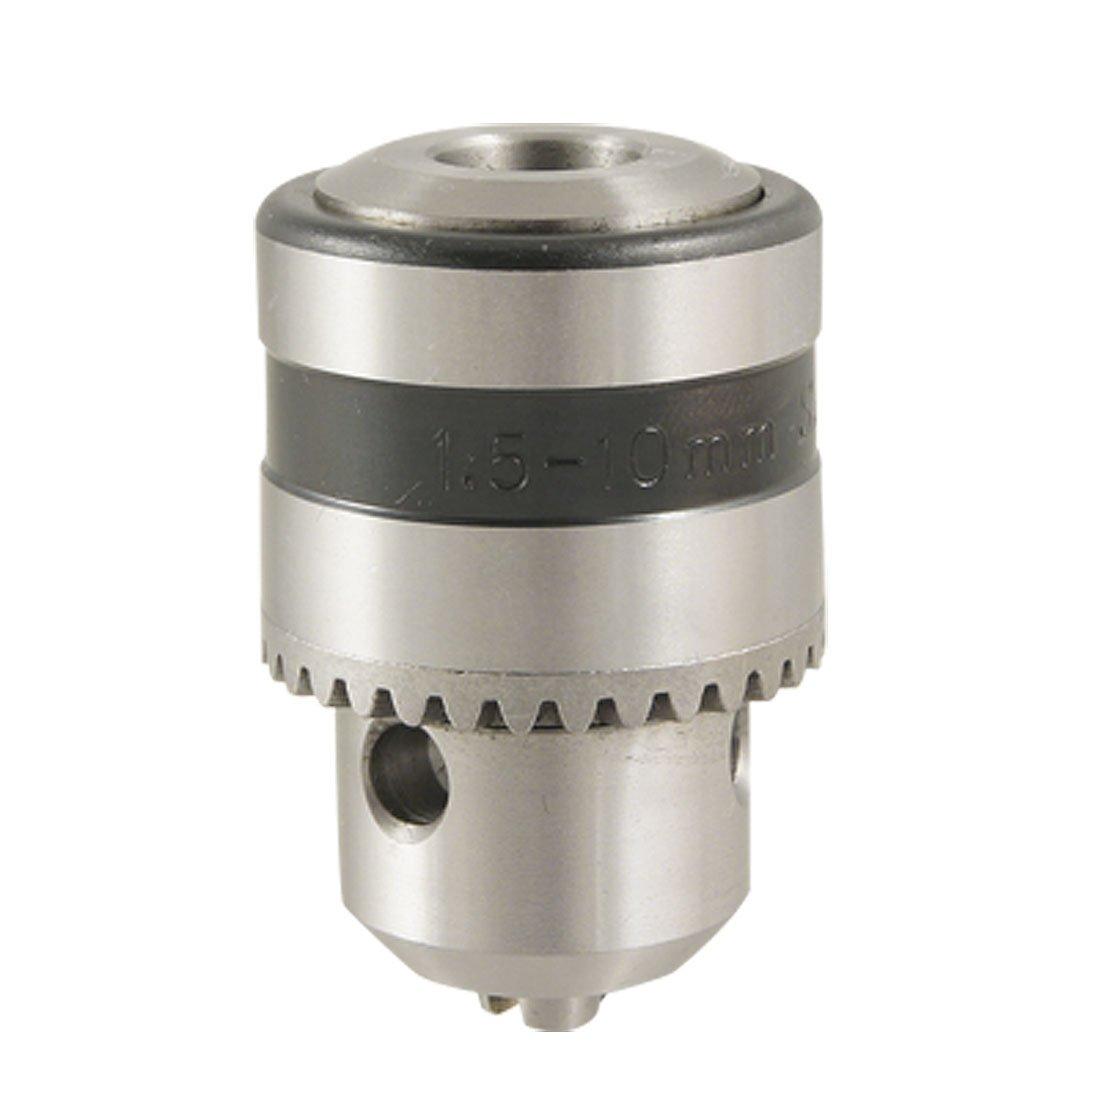 Capacité de 1, 5 à 10 mm bronze B12 Clé pour mandrin porte-foret conique 5 à 10 mm bronze B12 Clé pour mandrin porte-foret conique Sourcingmap a11060700ux0178